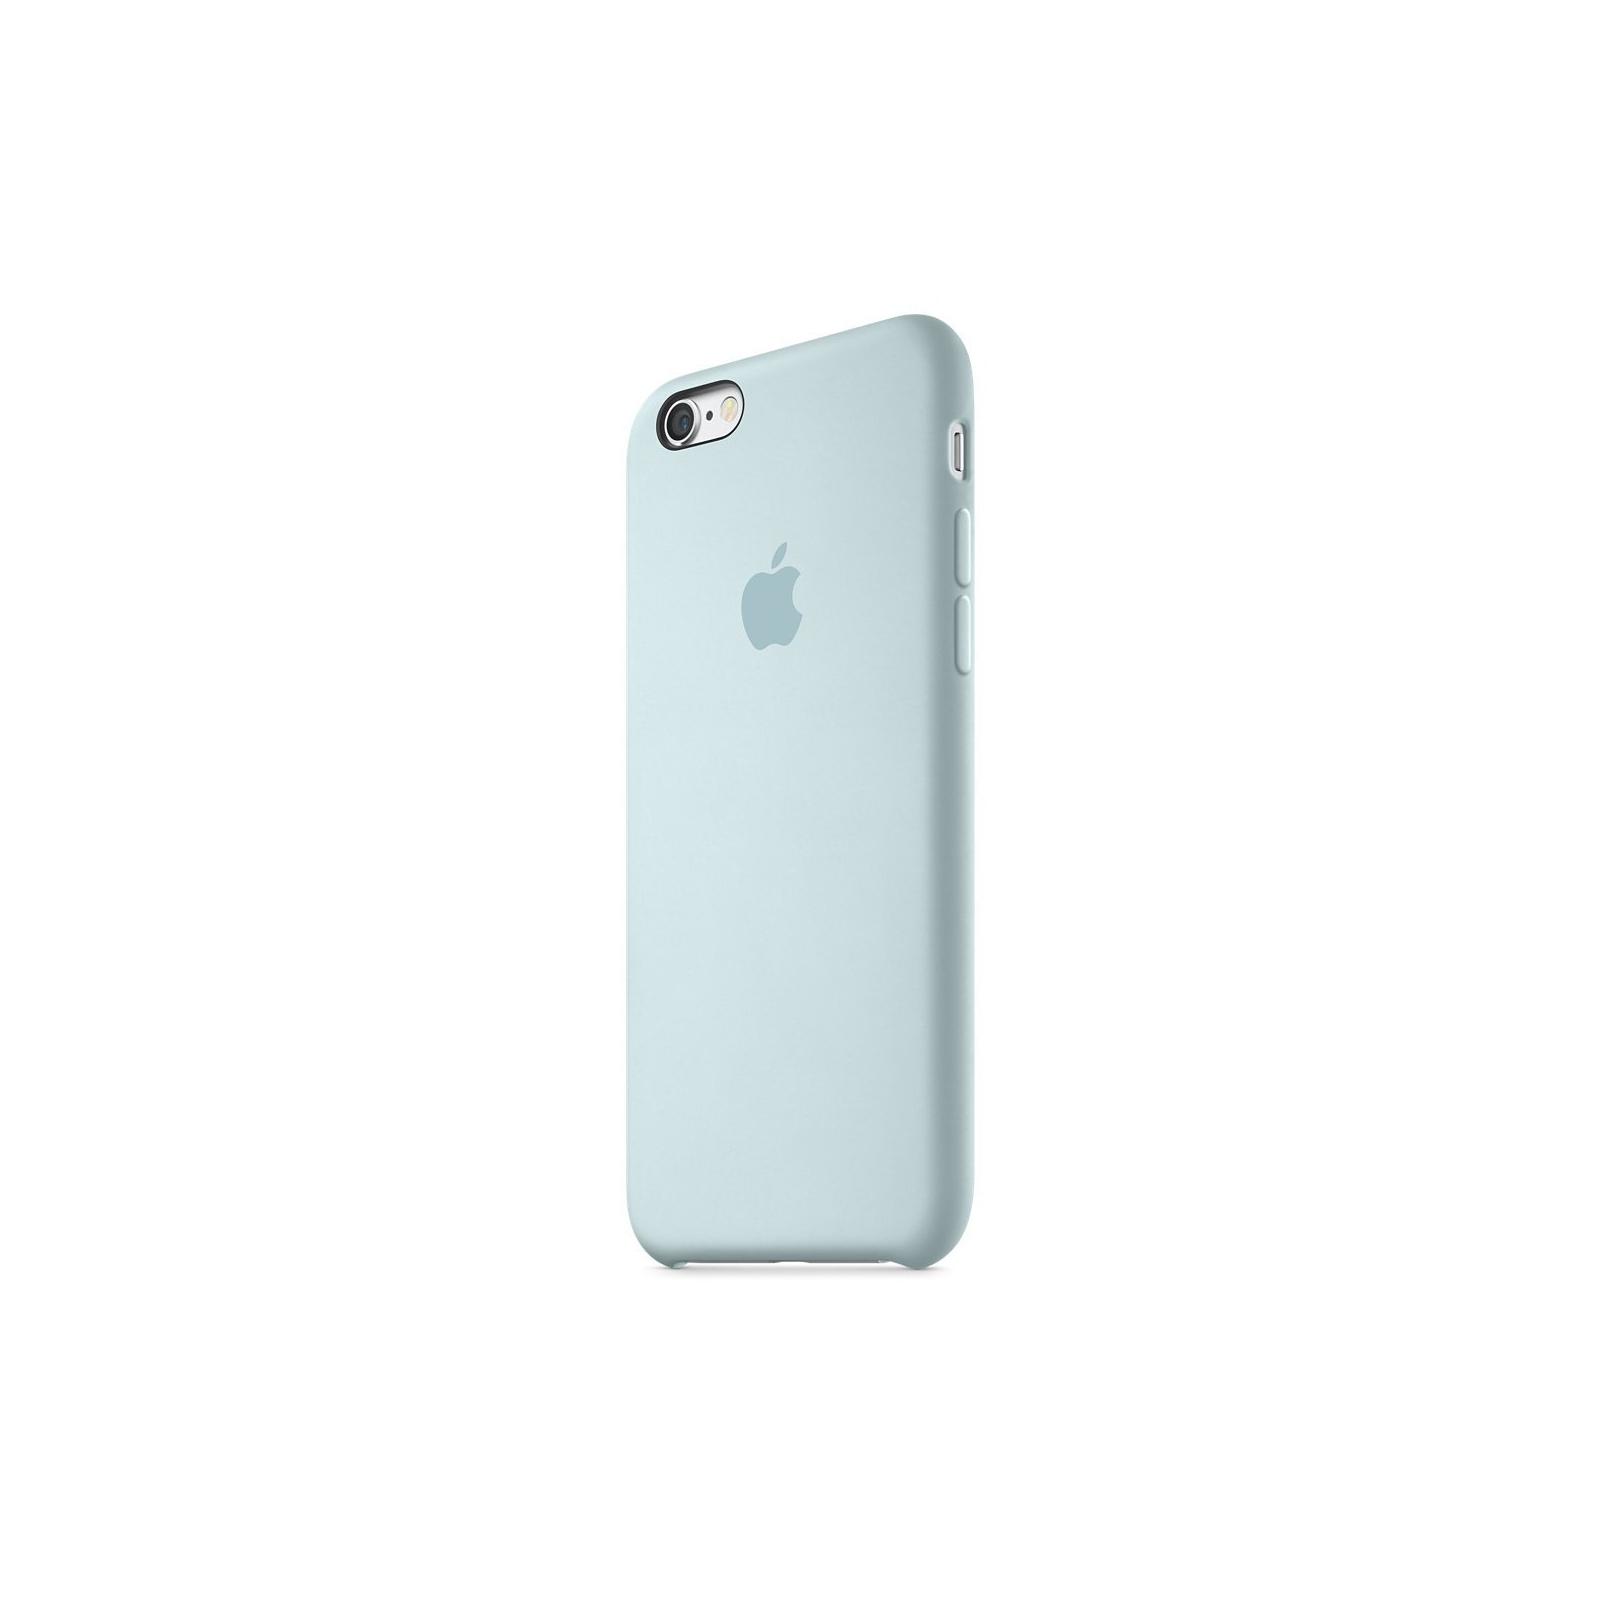 Чехол для моб. телефона Apple для iPhone 6/6s Torquoise (MLCW2ZM/A) изображение 2